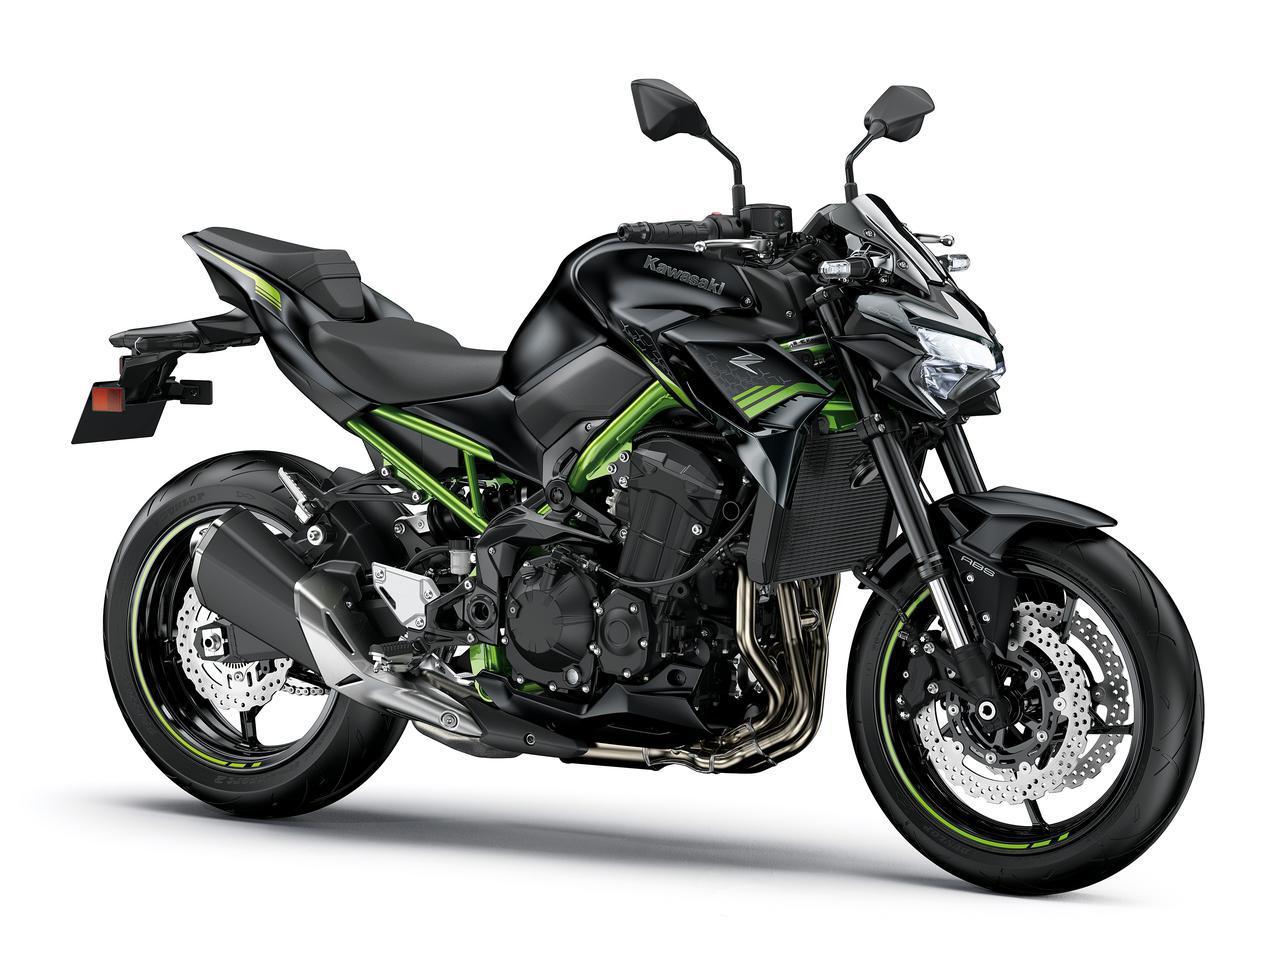 画像: Kawasaki Z900 総排気量:948cc エンジン形式:水冷4ストDOHC4バルブ並列4気筒 シート高:800mm 車両重量:213kg 2021年モデルの発売日:2021年1月8日(金) メーカー希望小売価格:110万円(消費税10%込)